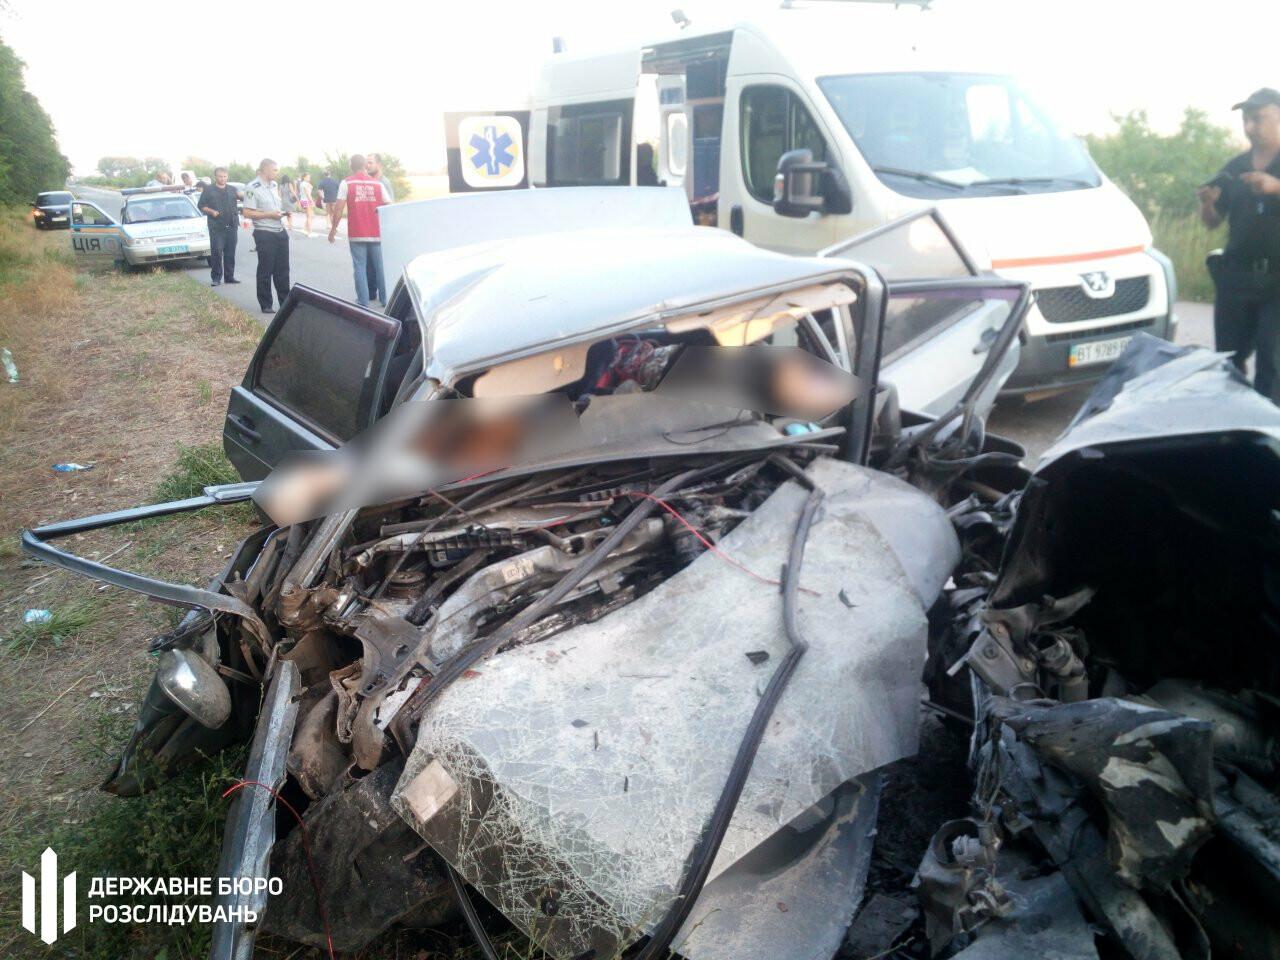 Запорожский суд отменил залог и арестовал полицейского, которого подозревают в совершении ДТП – в аварии погибла семья, - ФОТО, фото-9